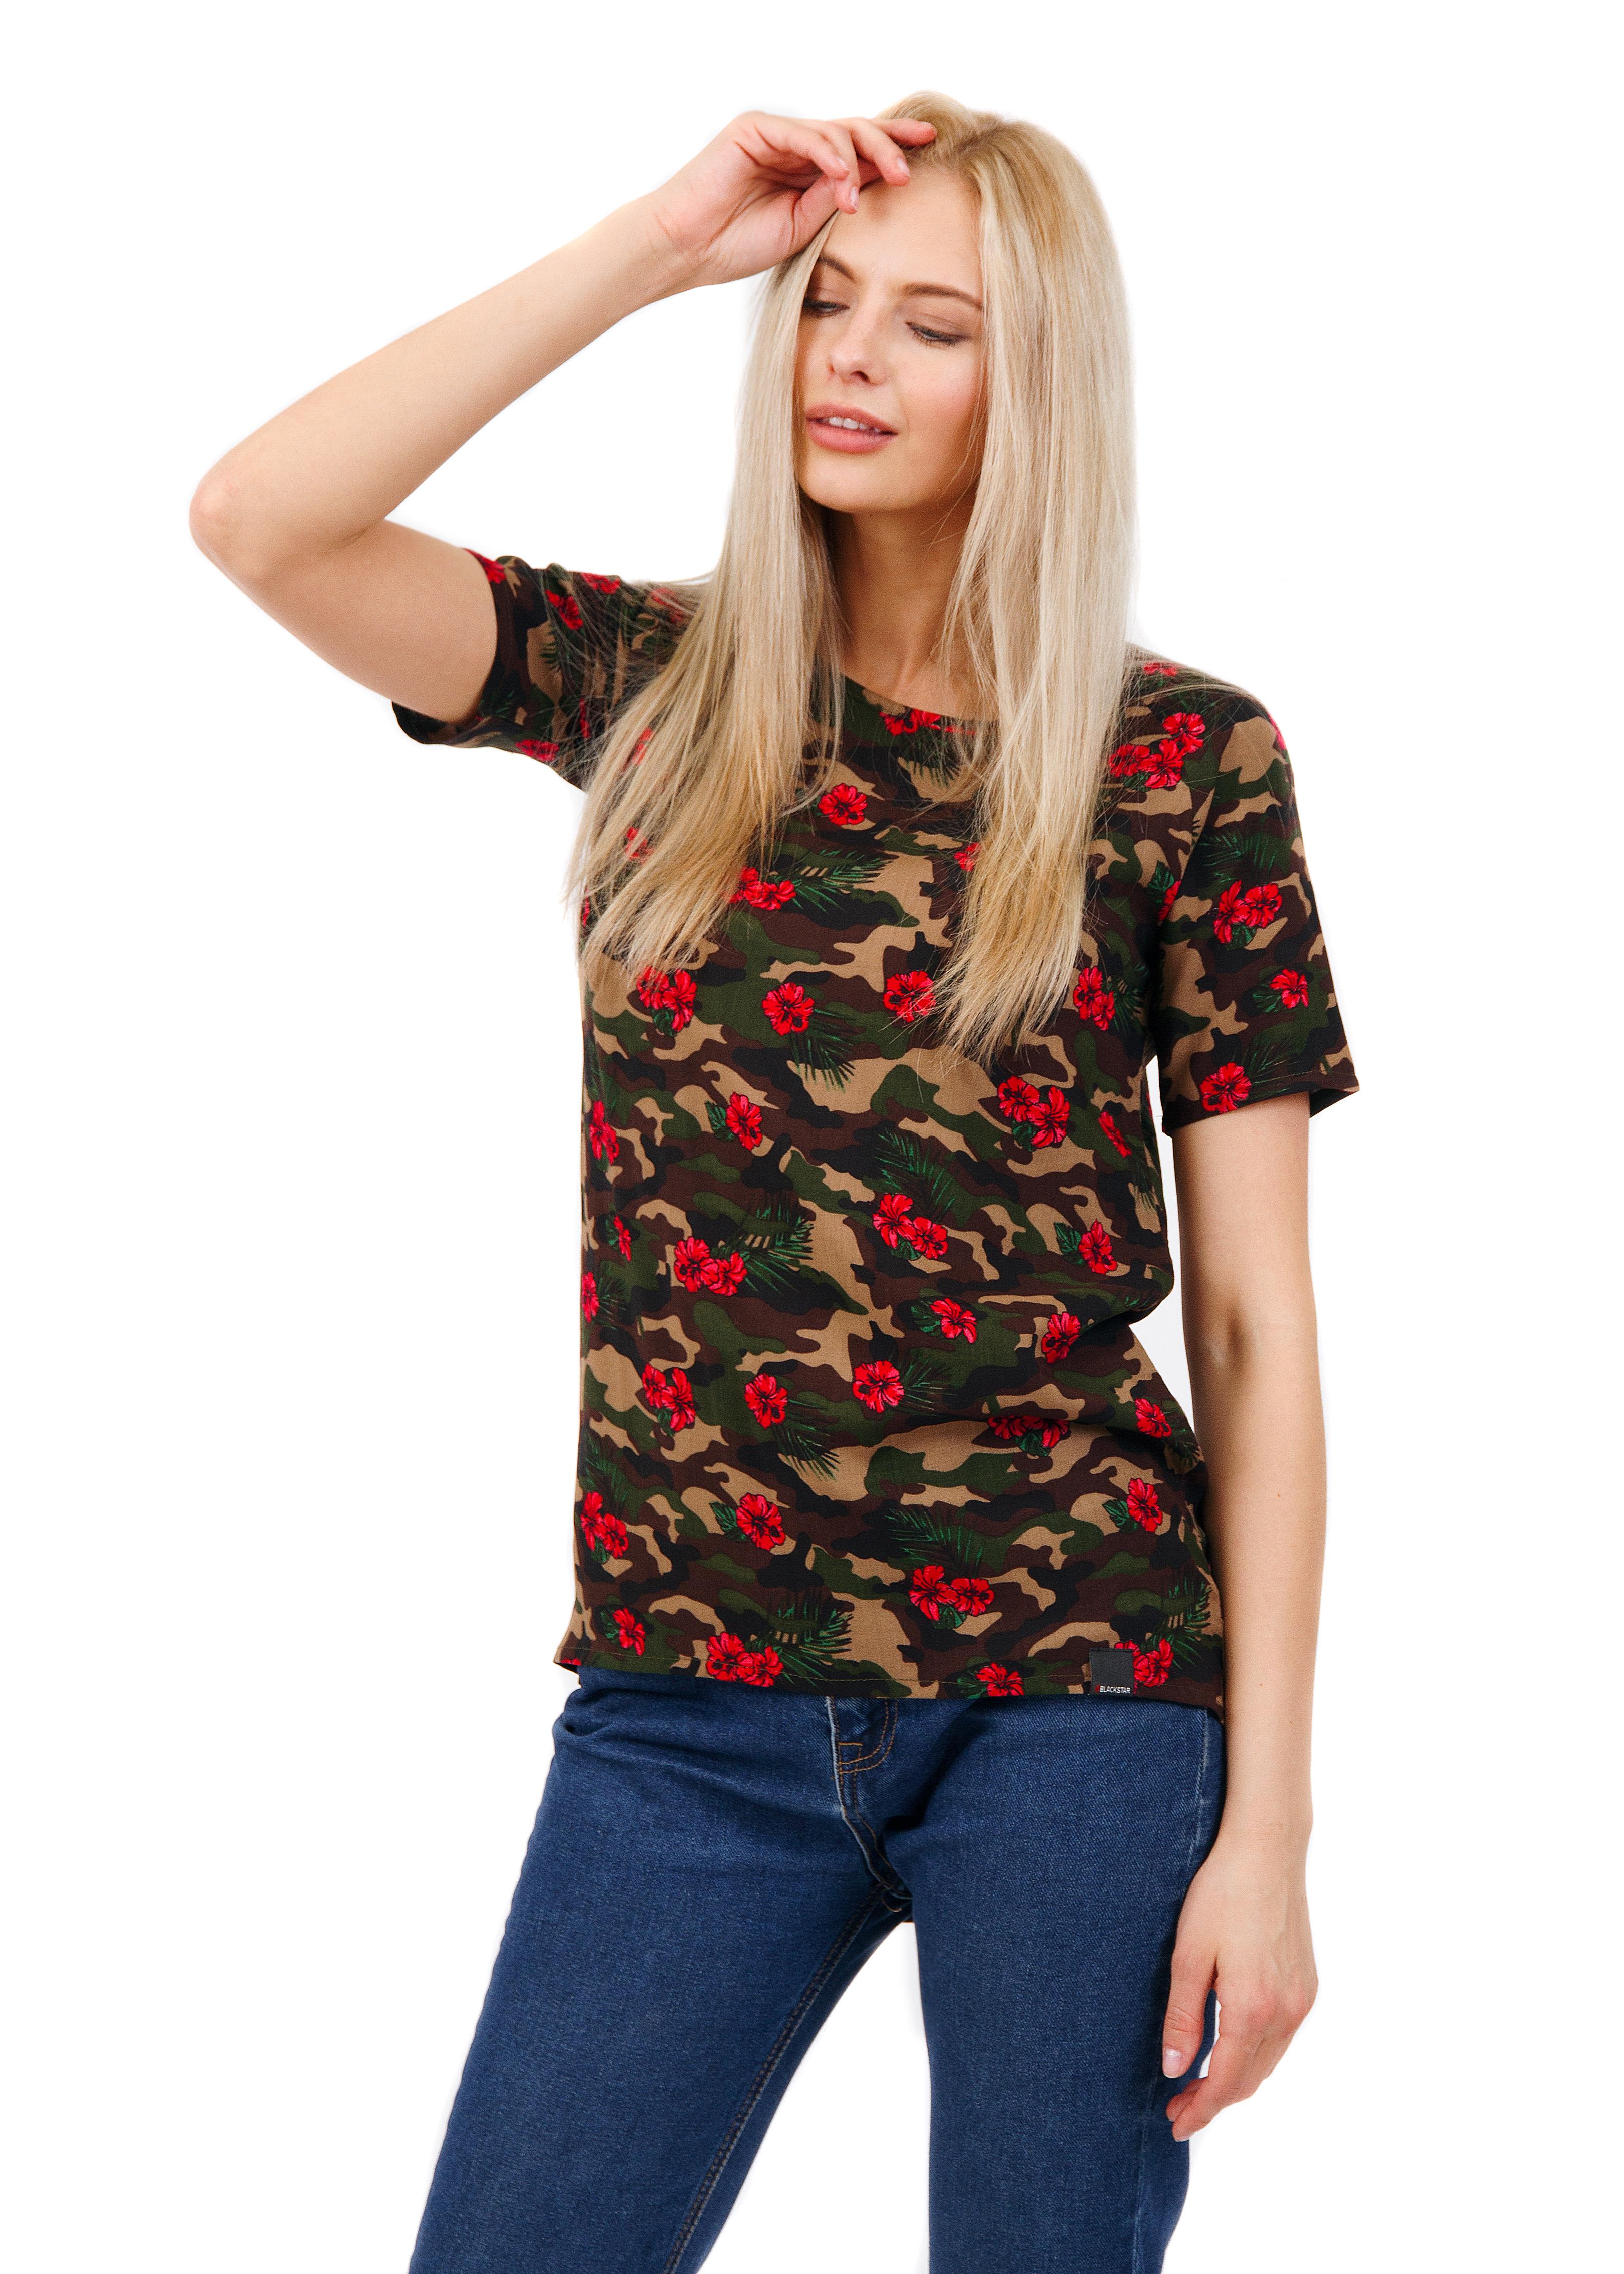 Womens t-shirt Camo FlowersUndershirts and T-shirts<br>Женская футболка камуфляжной расцветки с красными цветами – яркий акцент повседневного образа. Актуальный в этом сезоне ассиметричный крой с удлиненной полукруглой спинкой отлично комбинируется с различной одеждой, позволяя заметно выделяться среди толпы. Модель выполнена из натурального материала люксового качества, дополнена небольшим рукавом и жаккардовой нашивкой Black Star Wear внутри по горловине.<br><br>size: L<br>color: Camouflage<br>gender: female